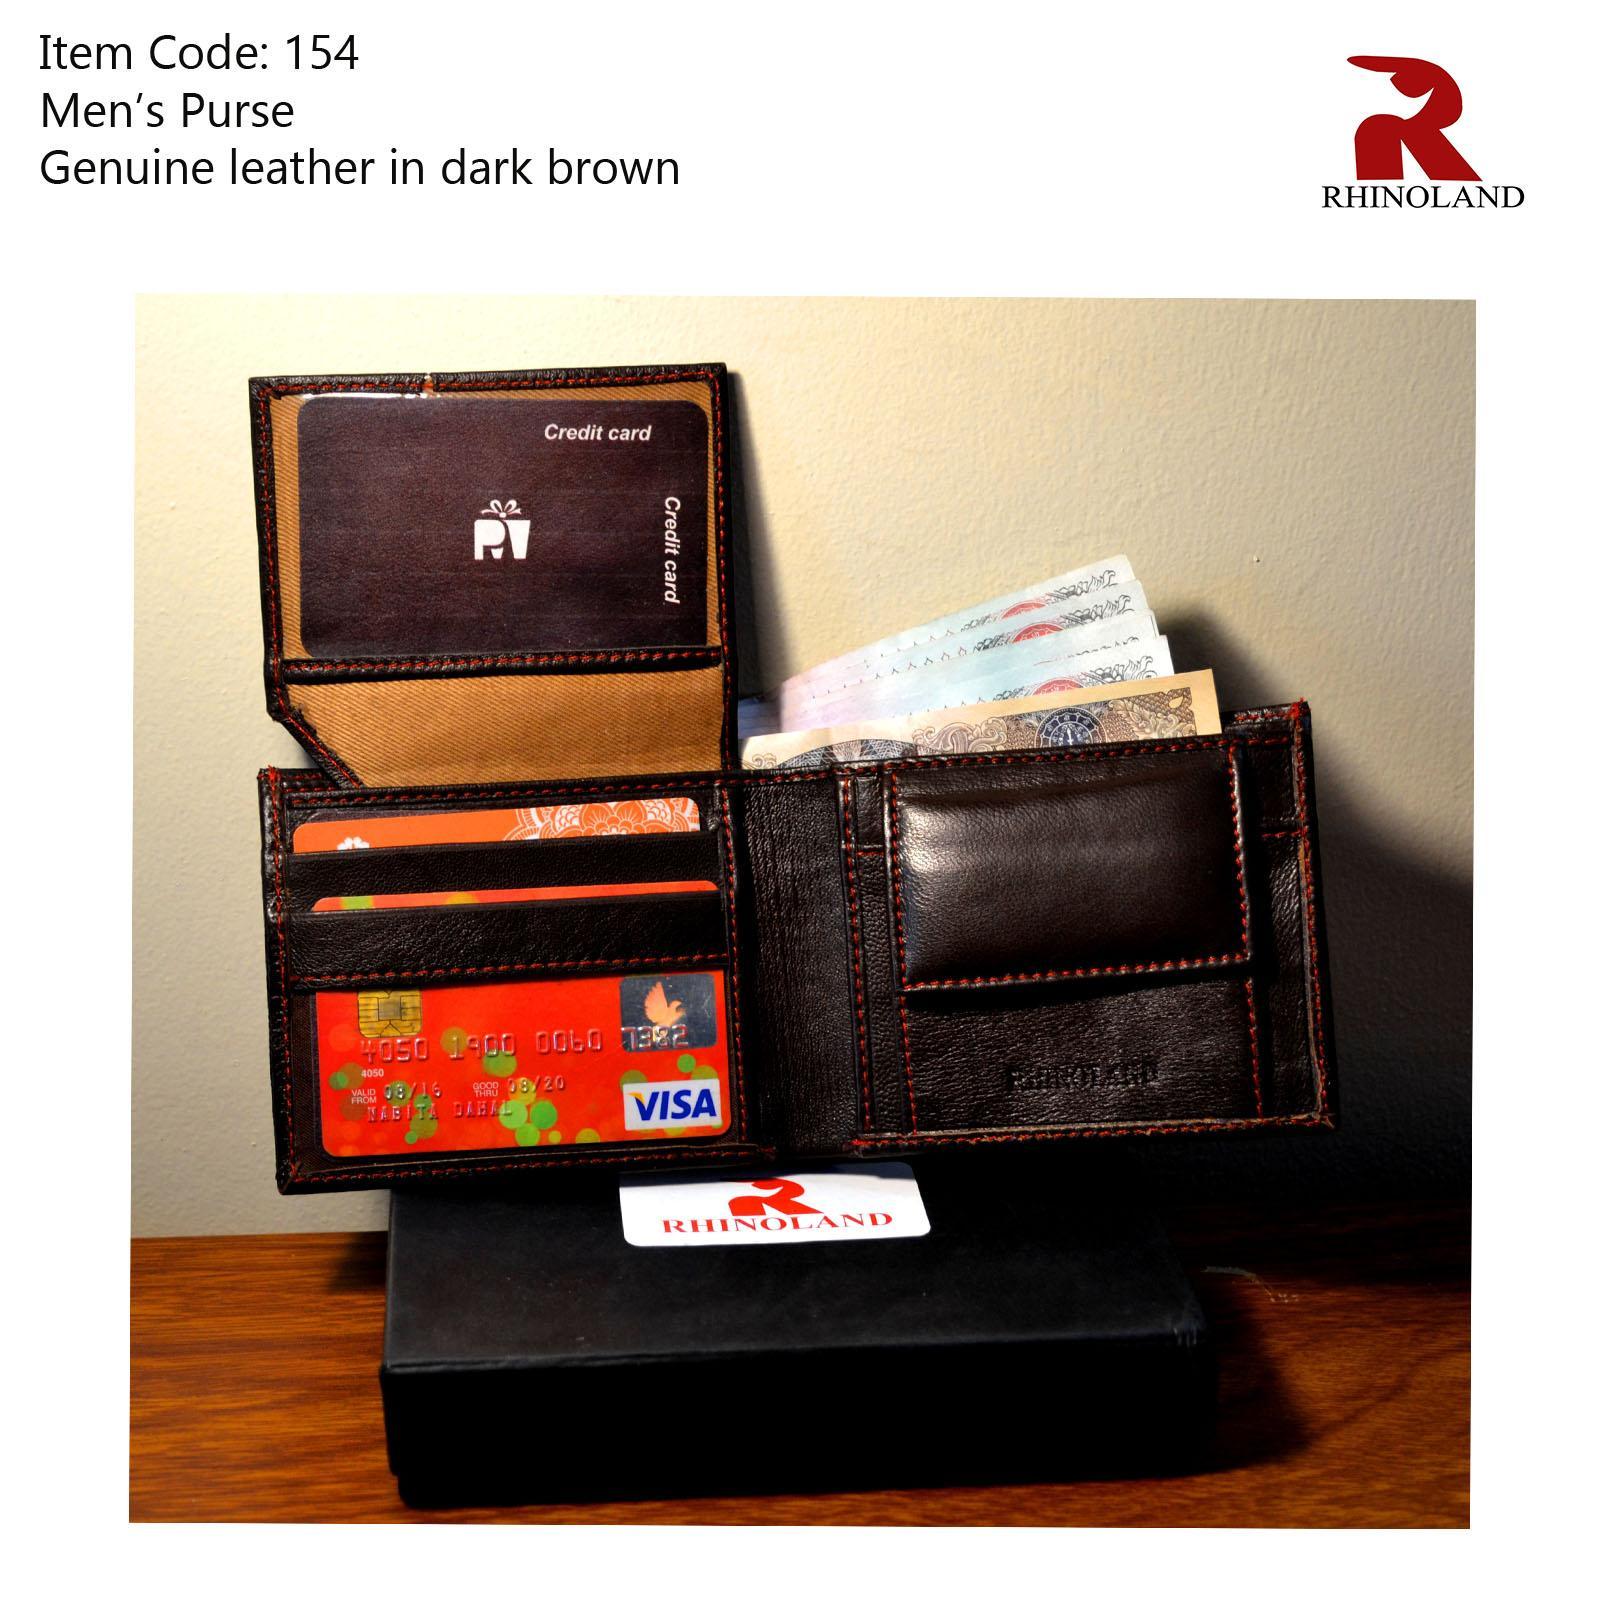 af59a6d7495 Rhinoland Genuine Leather Dark Brown Wallet